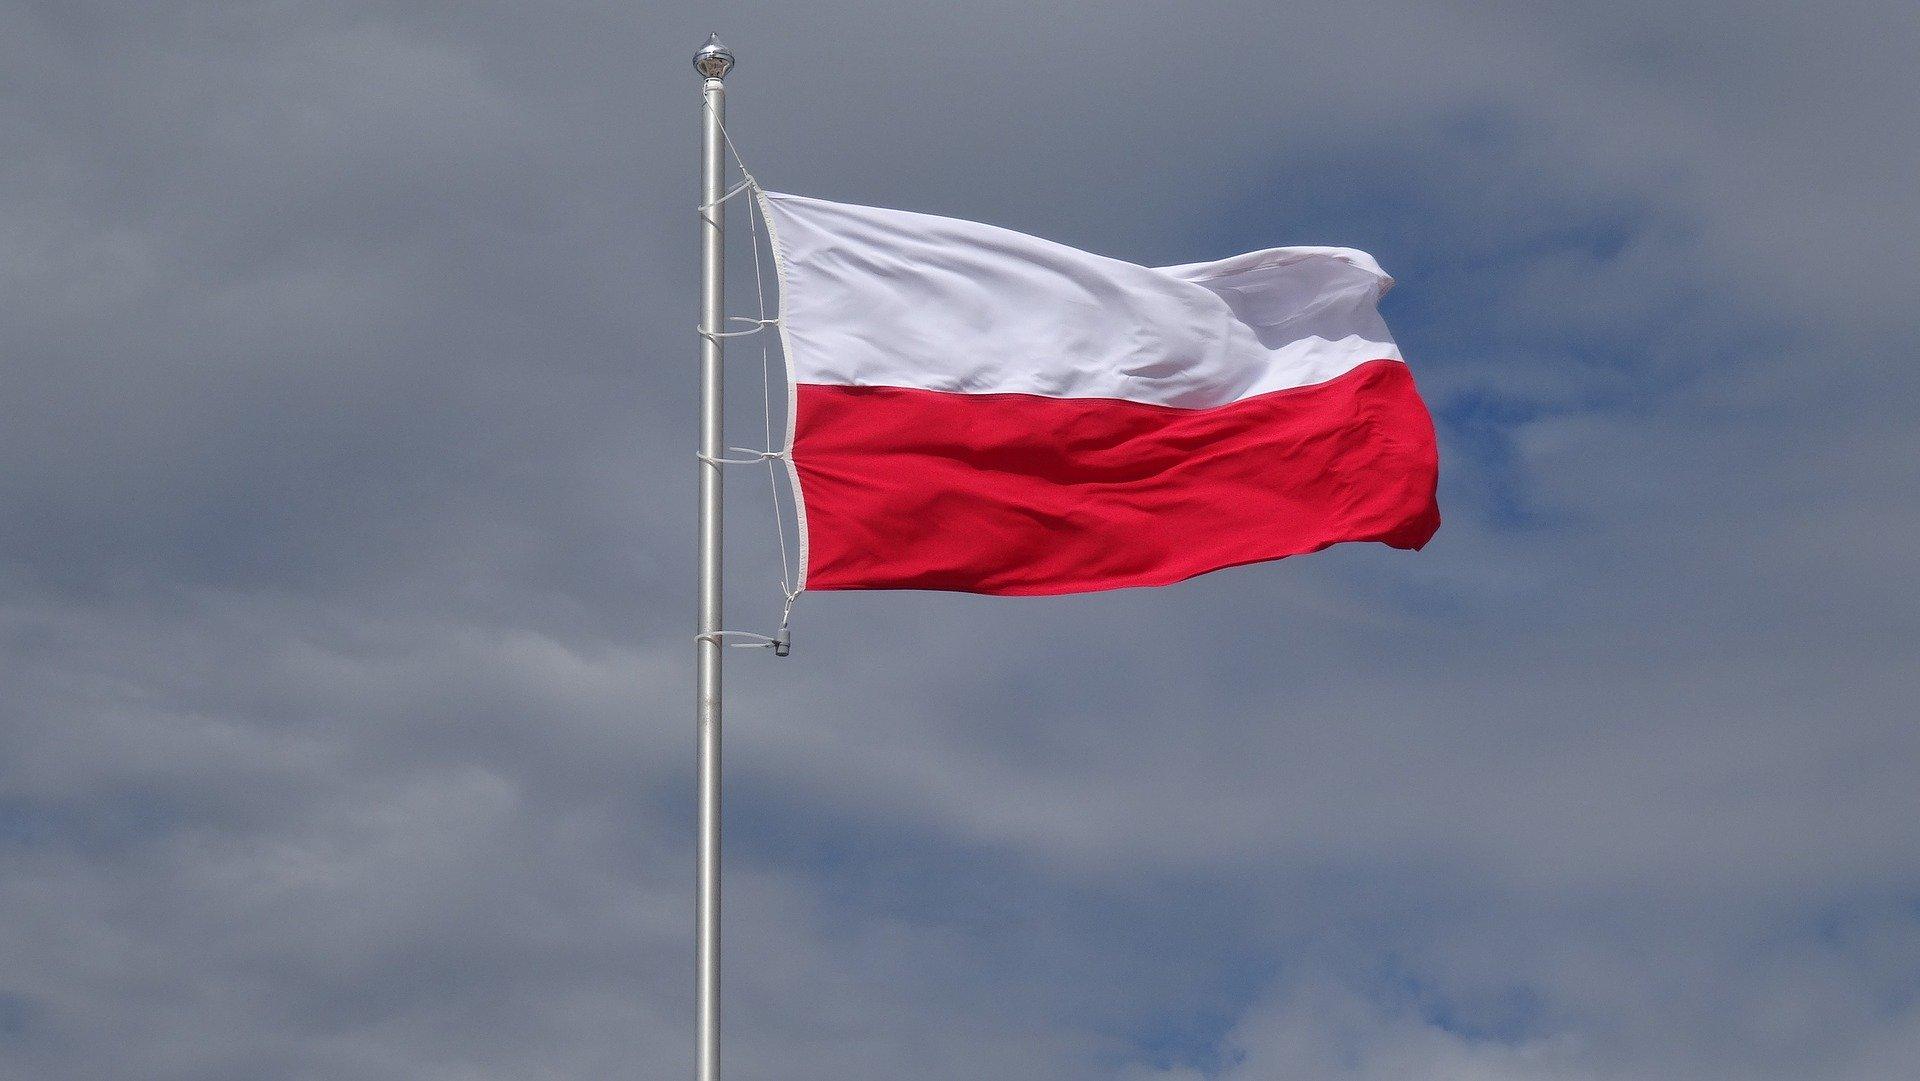 Bądźmy dumni z tego, że jesteśmy Polakami  - Zdjęcie główne